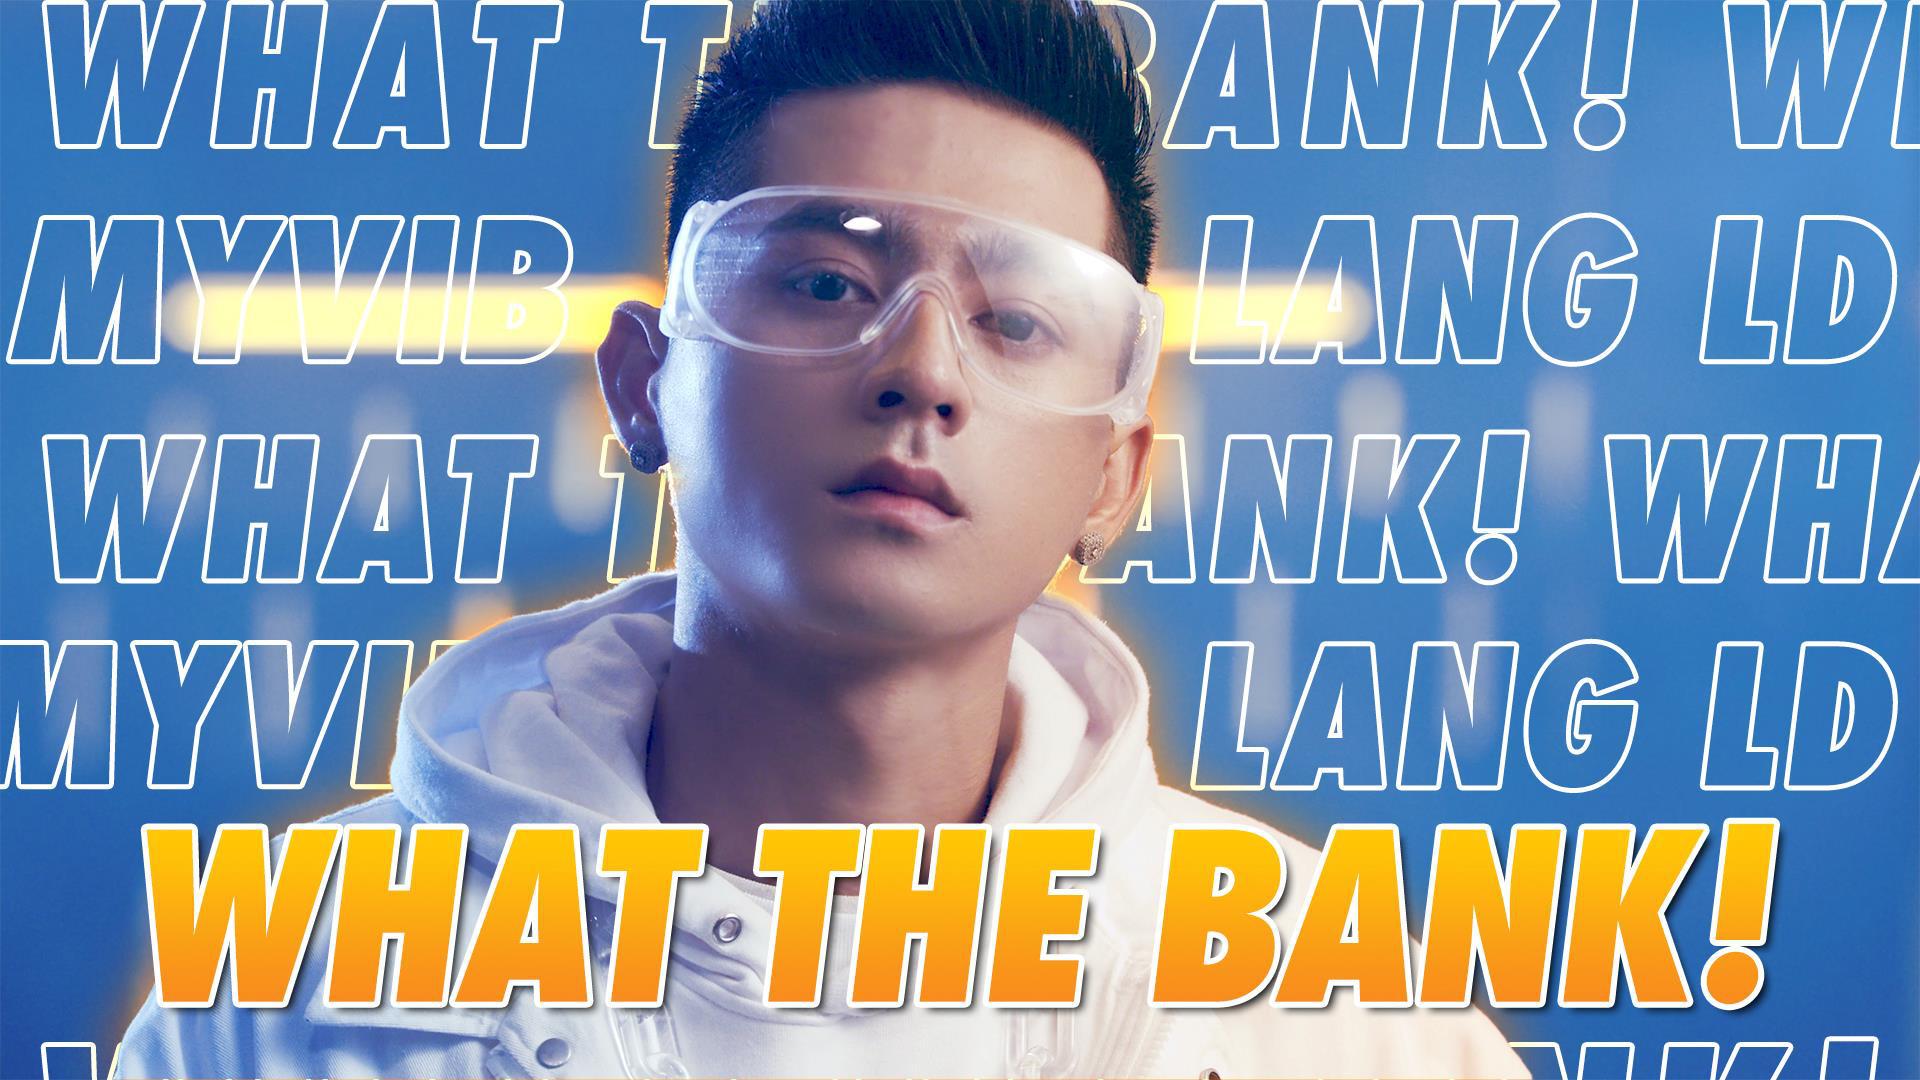 Vừa trở về từ Rap Việt, Lăng LD đã toát mồ hôi trong 1 trận đấu rap Ờ mây dinh, gút chóp! - Ảnh 1.